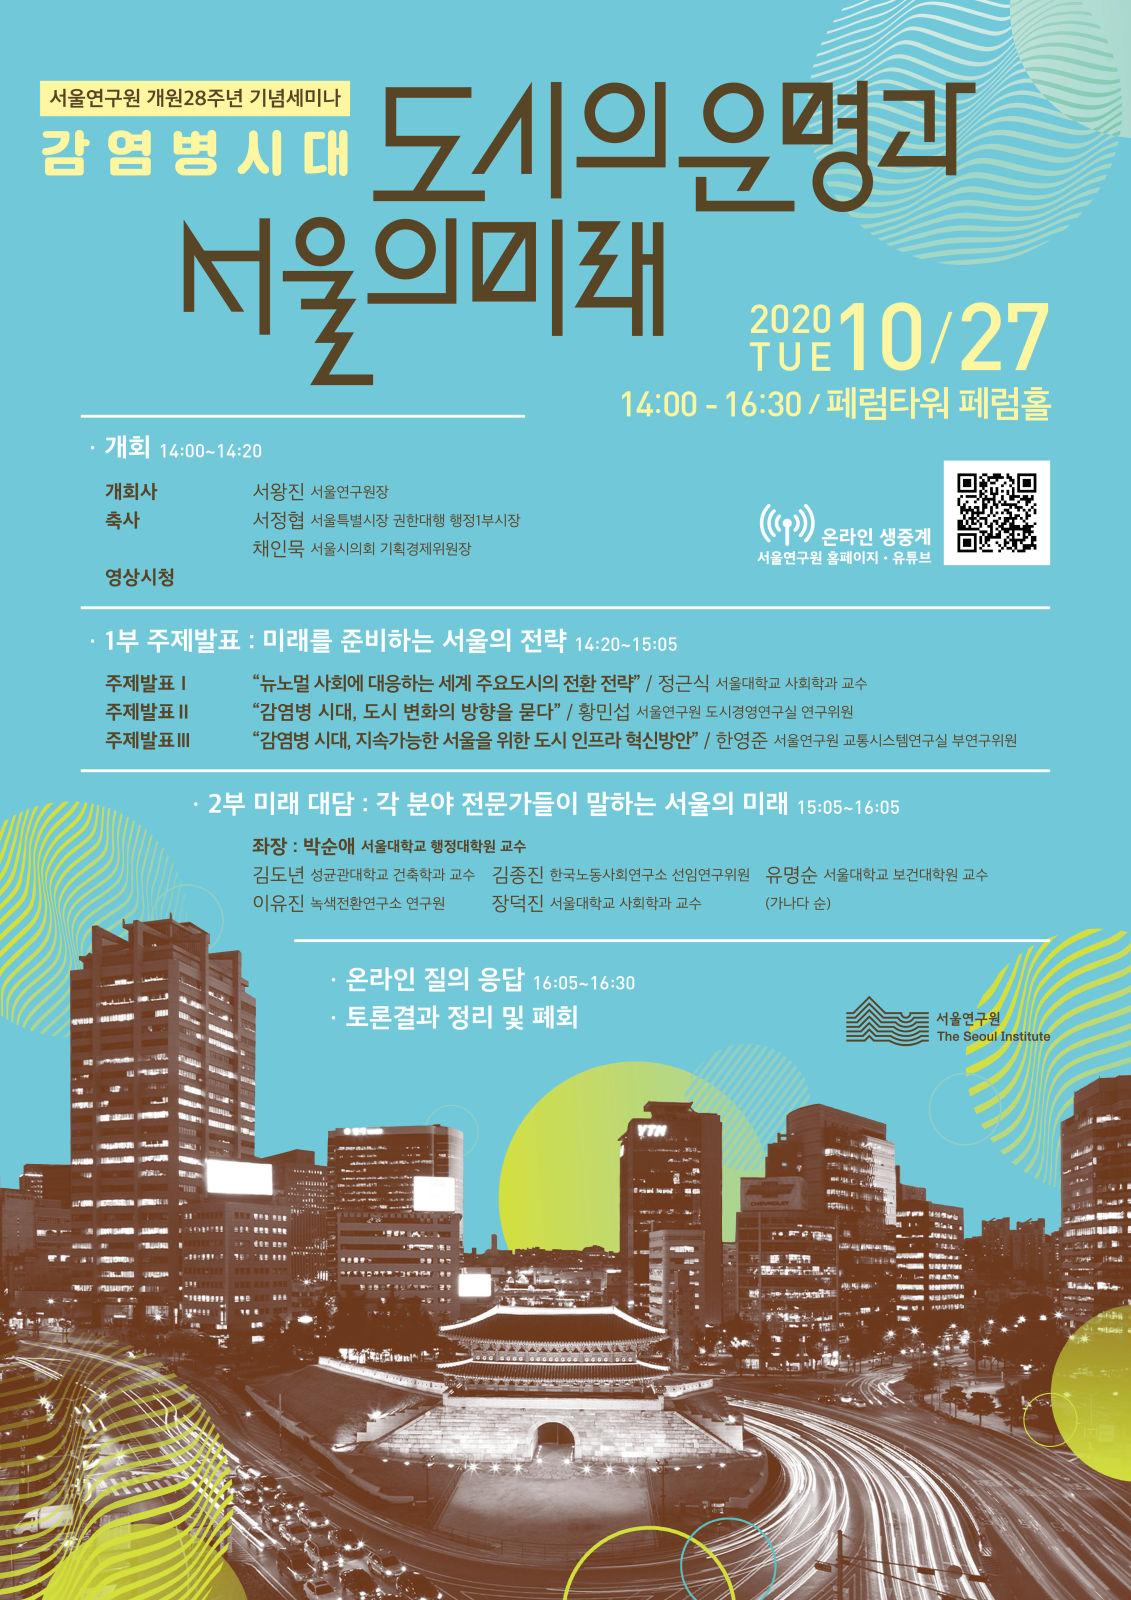 서울연구원 개원 28주년 세미나, 감염병 시대 자족성 갖춘 `작은 도시` 제안